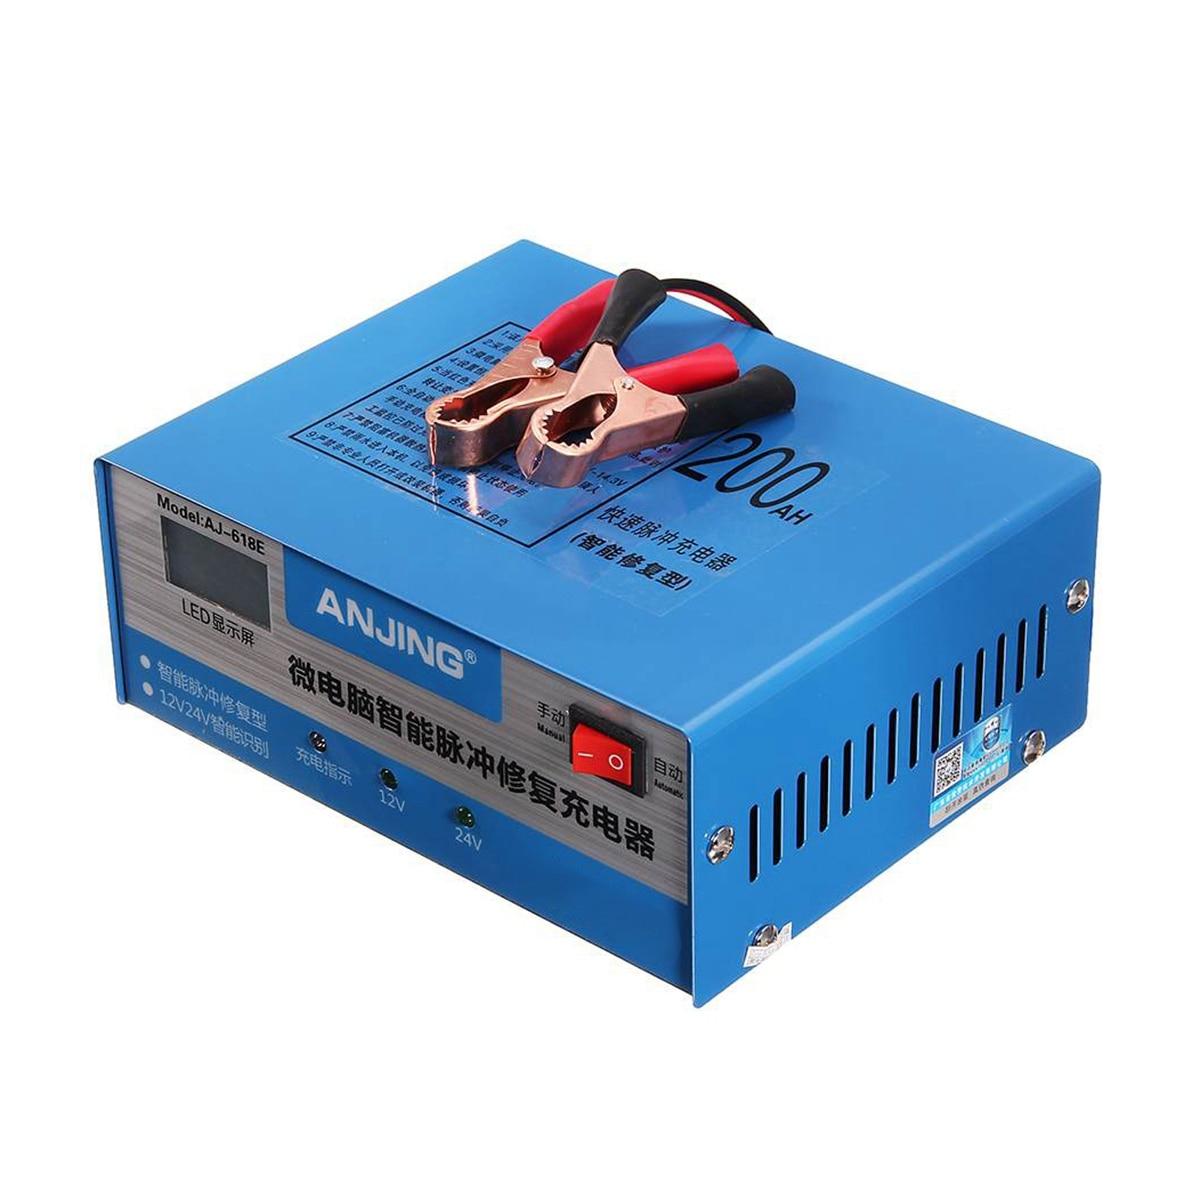 Chargeur de batterie de voiture réparation d'impulsion intelligente automatique 130 V-250 V 200Ah 12/24V avec adaptateur